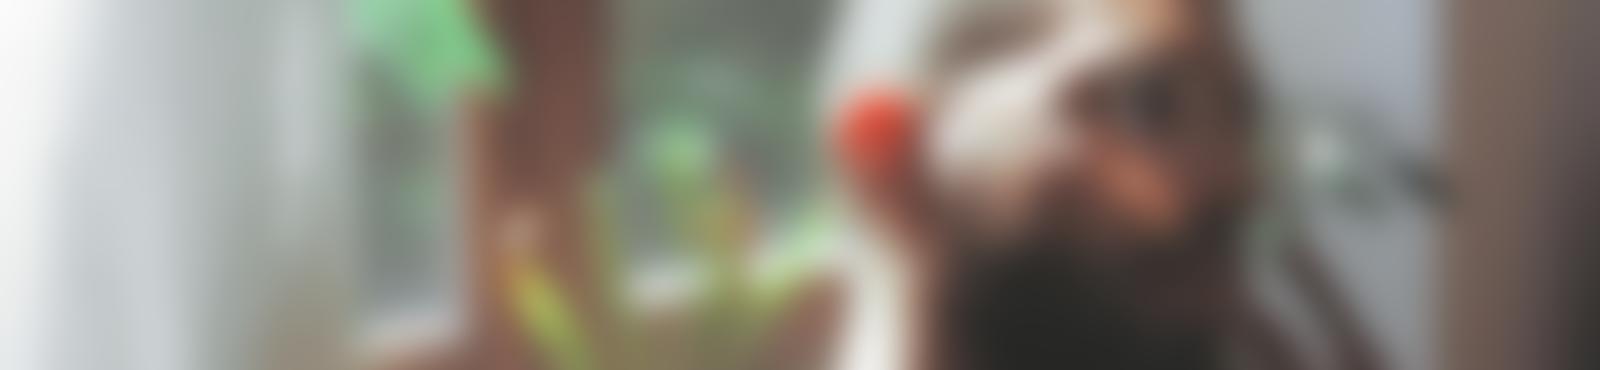 Blurred 59b5a102 6d40 4ebd a058 570106814bd8